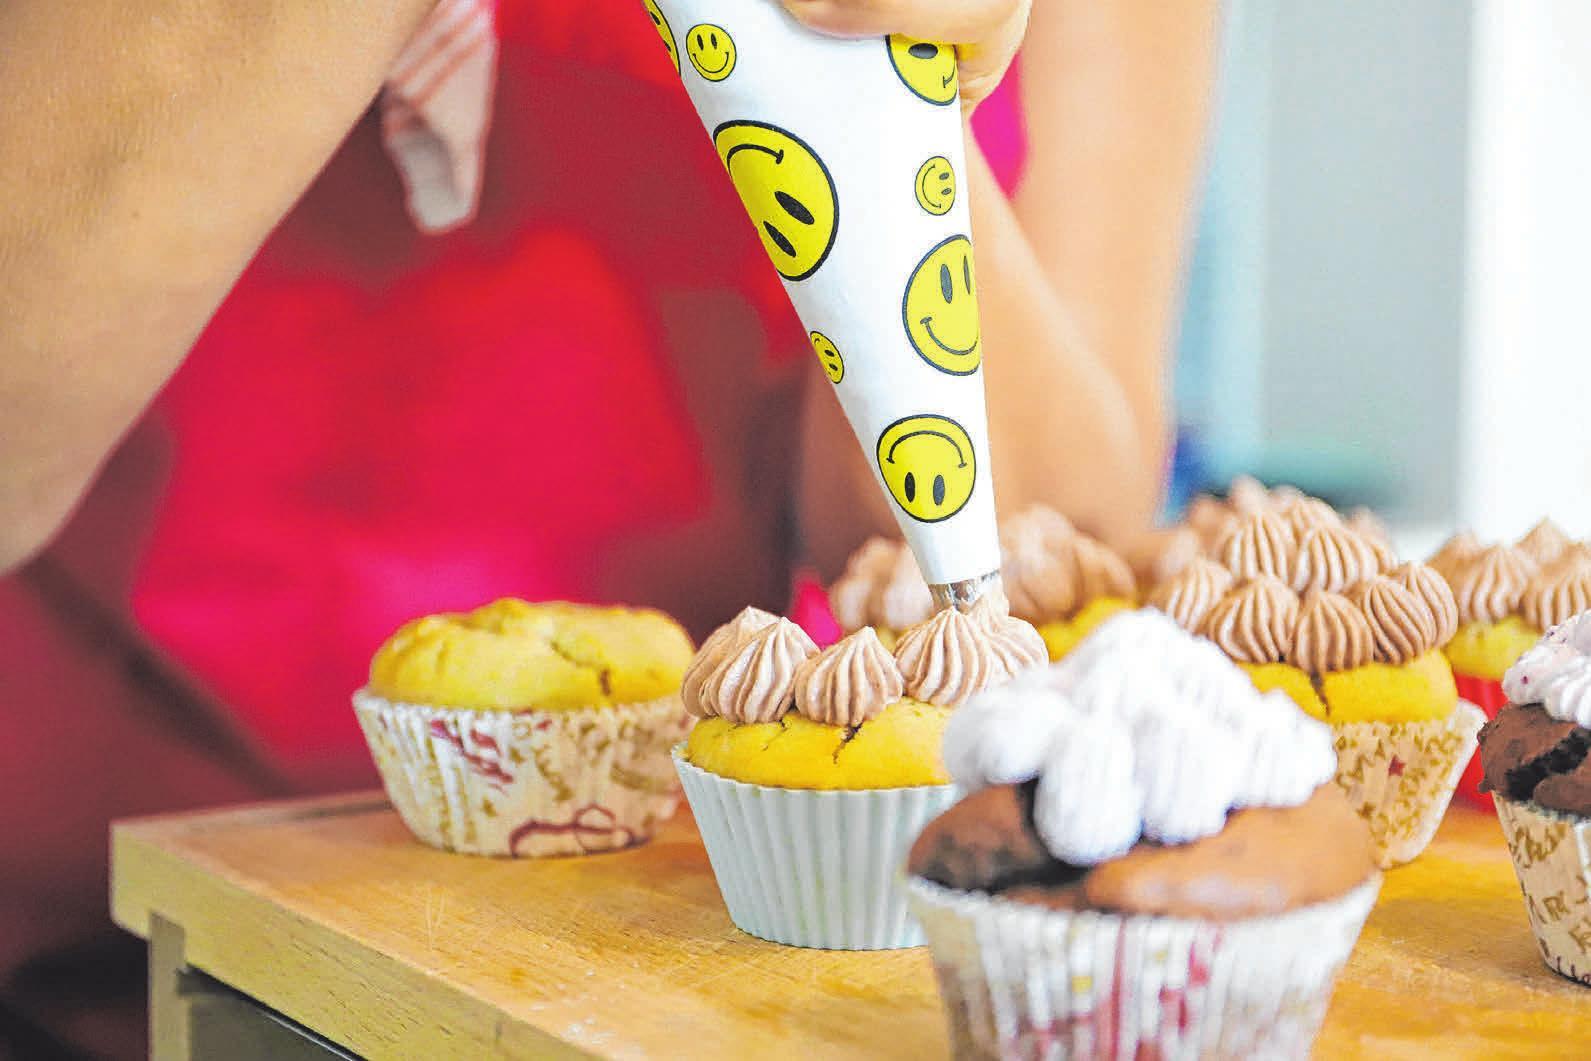 Auch für Hobbybäckerinnen finden sich viele vegane Möglichkeiten. FOTO: ZARTBITTER - DESIGN